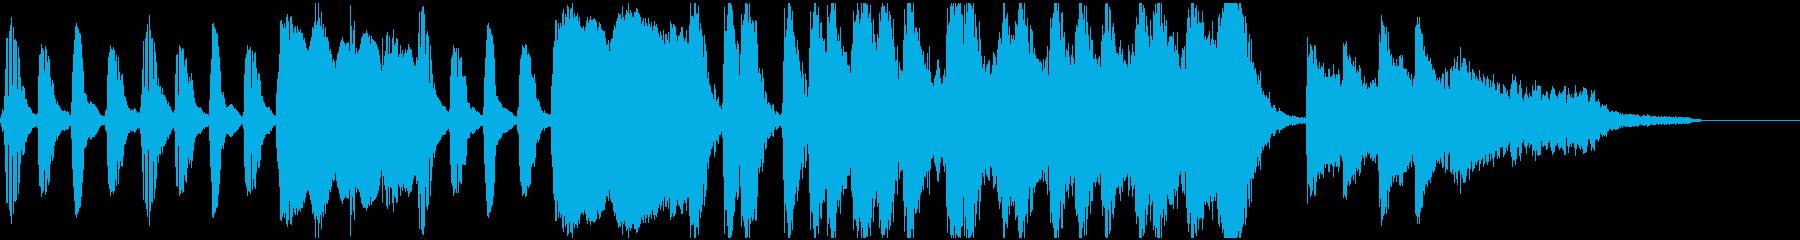 簡素な中から伝わるドキドキ感の再生済みの波形